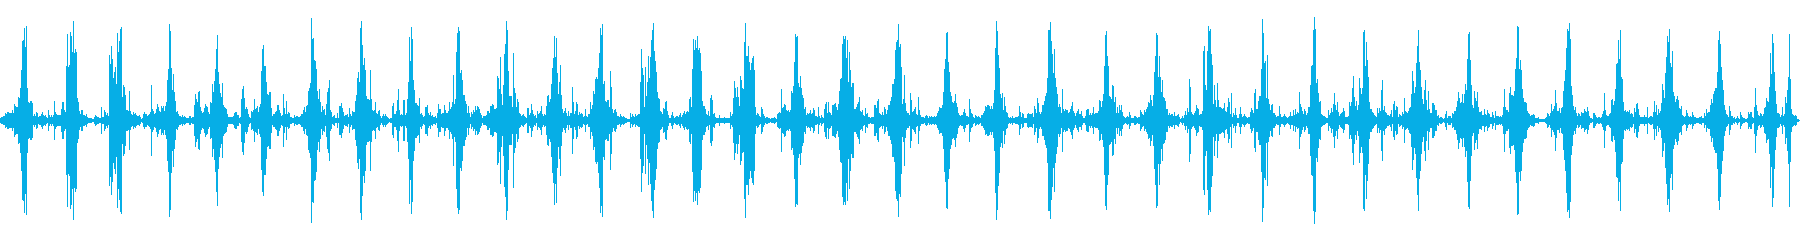 ダートロードで行進する中世の兵士の...の再生済みの波形